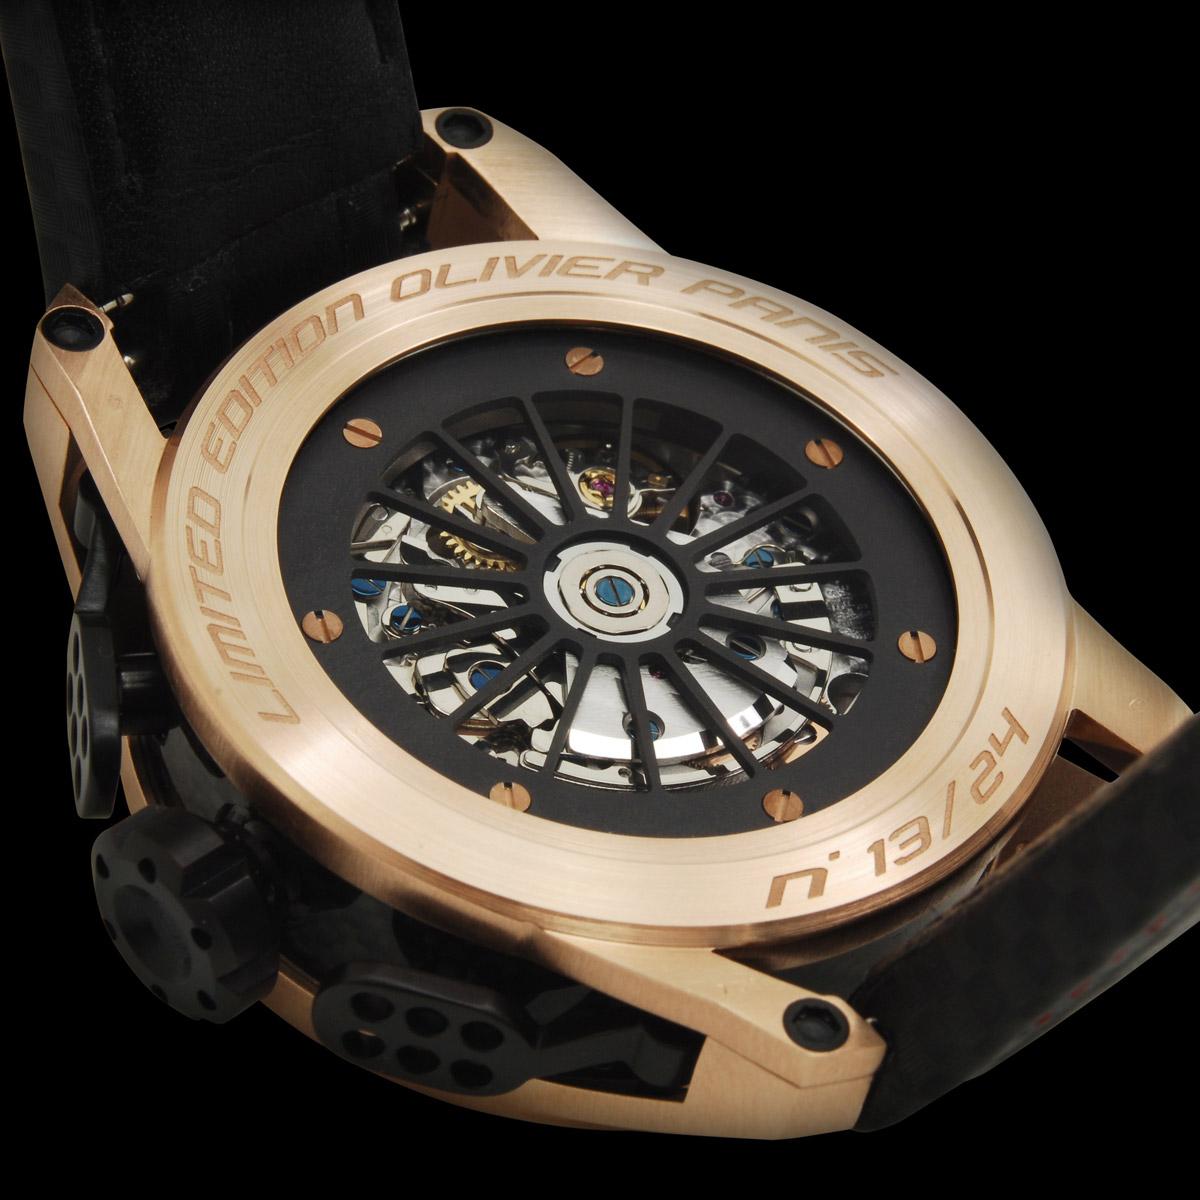 la cote des montres photo ange barde legend racer olivier panis. Black Bedroom Furniture Sets. Home Design Ideas